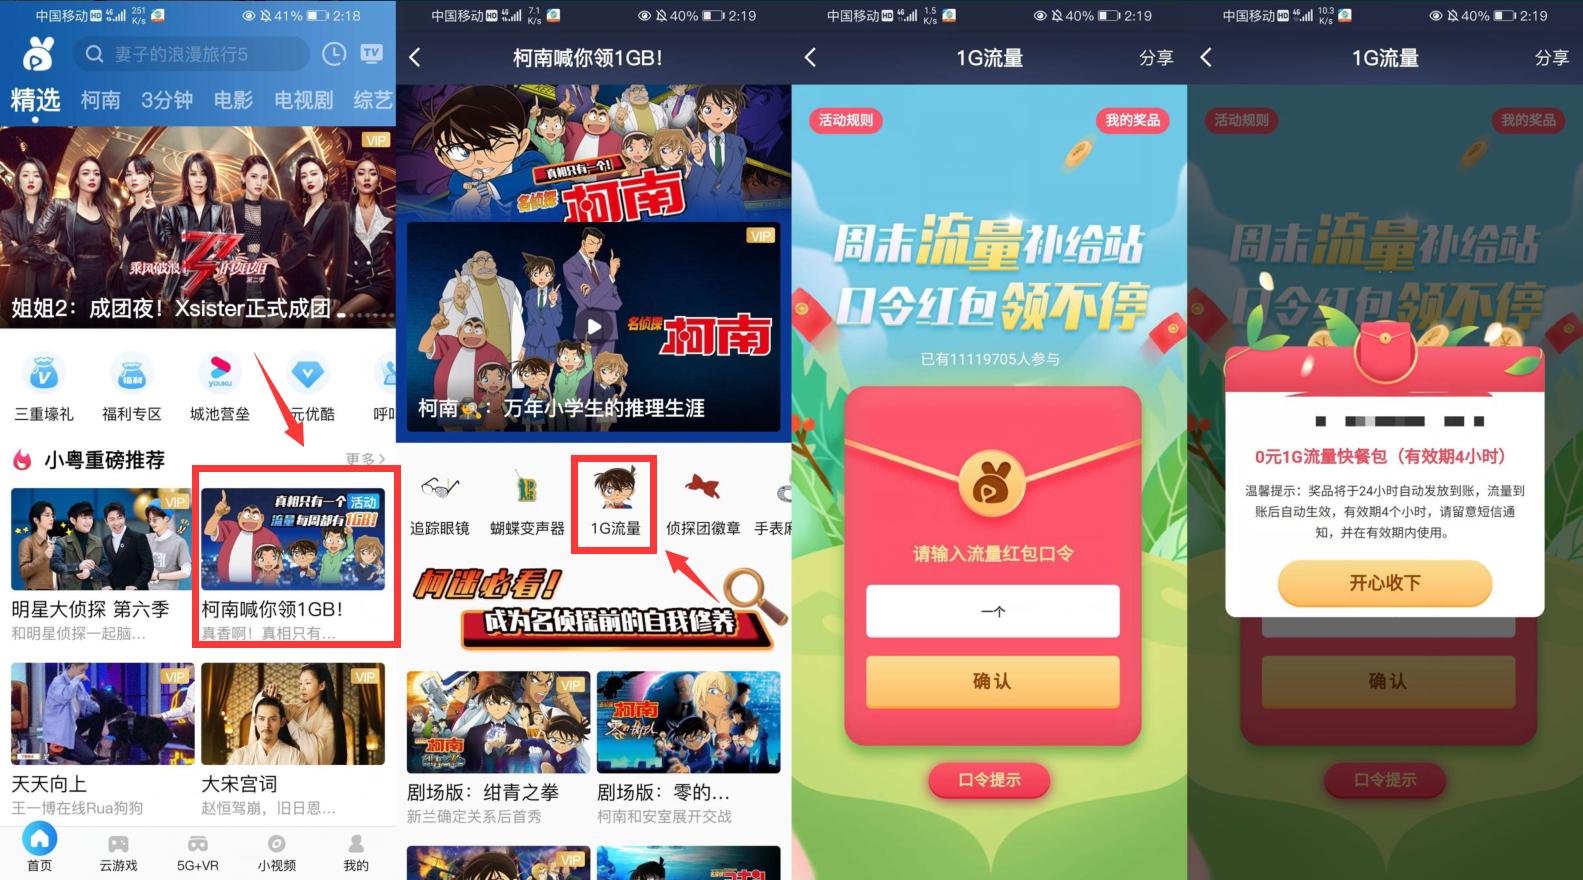 广东移动用户领1G流量